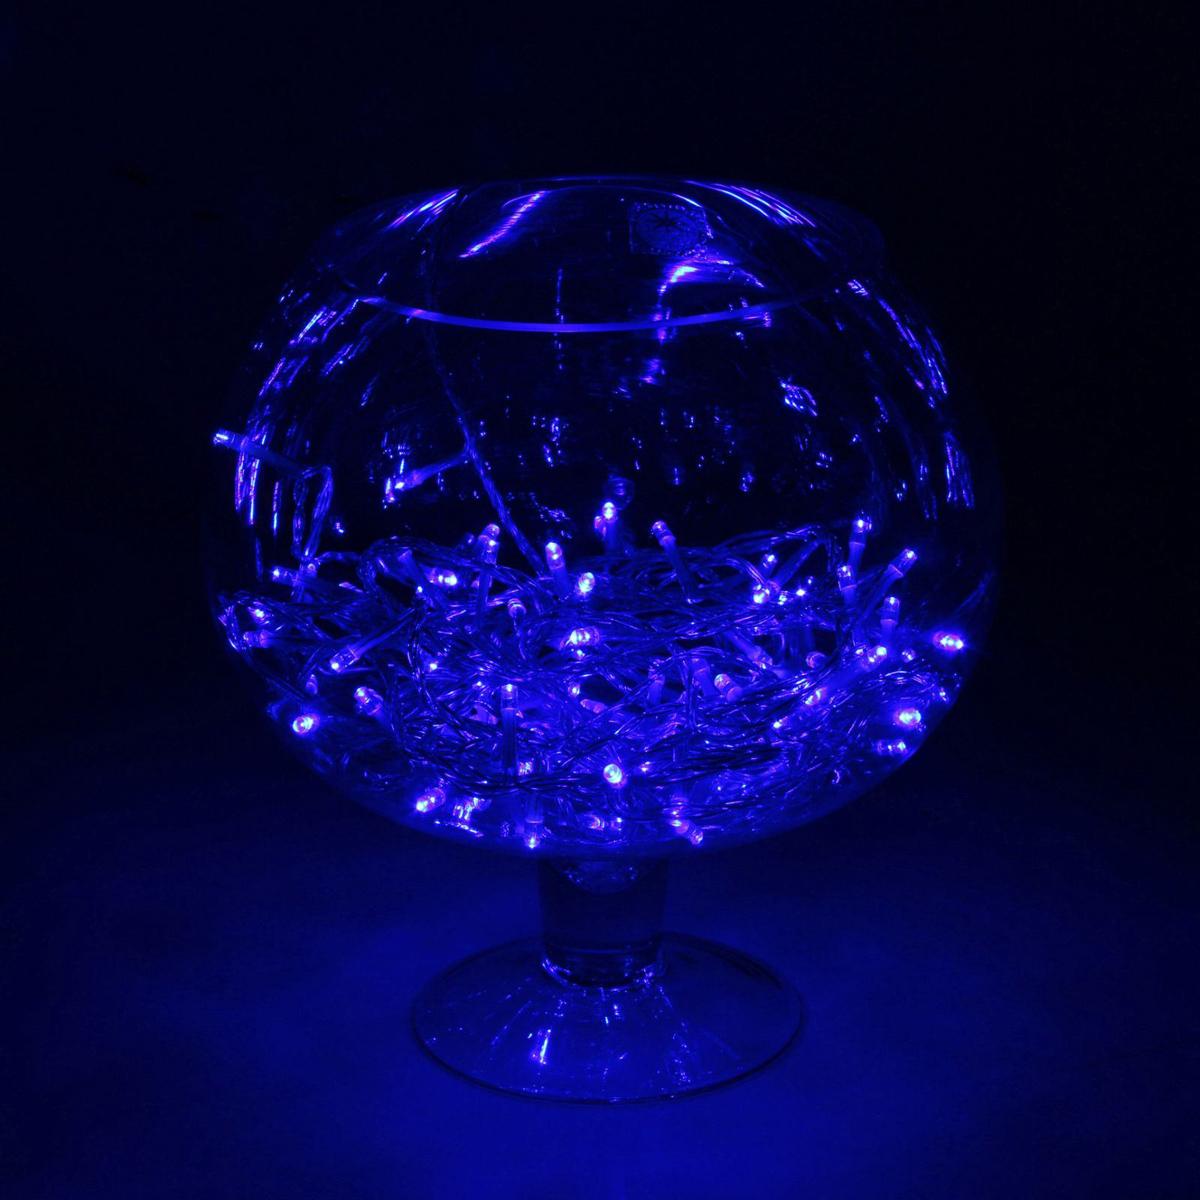 Гирлянда светодиодная Luazon Метраж, уличная, 100 ламп, 24 V, 10 м, цвет: синий. 15860251586025Светодиодные гирлянды, ленты и т.д. — это отличный вариант для новогоднего оформления интерьера или фасада. С их помощью помещение любого размера можно превратить в праздничный зал, а внешние элементы зданий, украшенные ими, мгновенно станут напоминать очертания сказочного дворца. Такие украшения создают ауру предвкушения чуда. Деревья, фасады, витрины, окна и арки будто специально созданы, чтобы вы украсили их светящимися нитями.